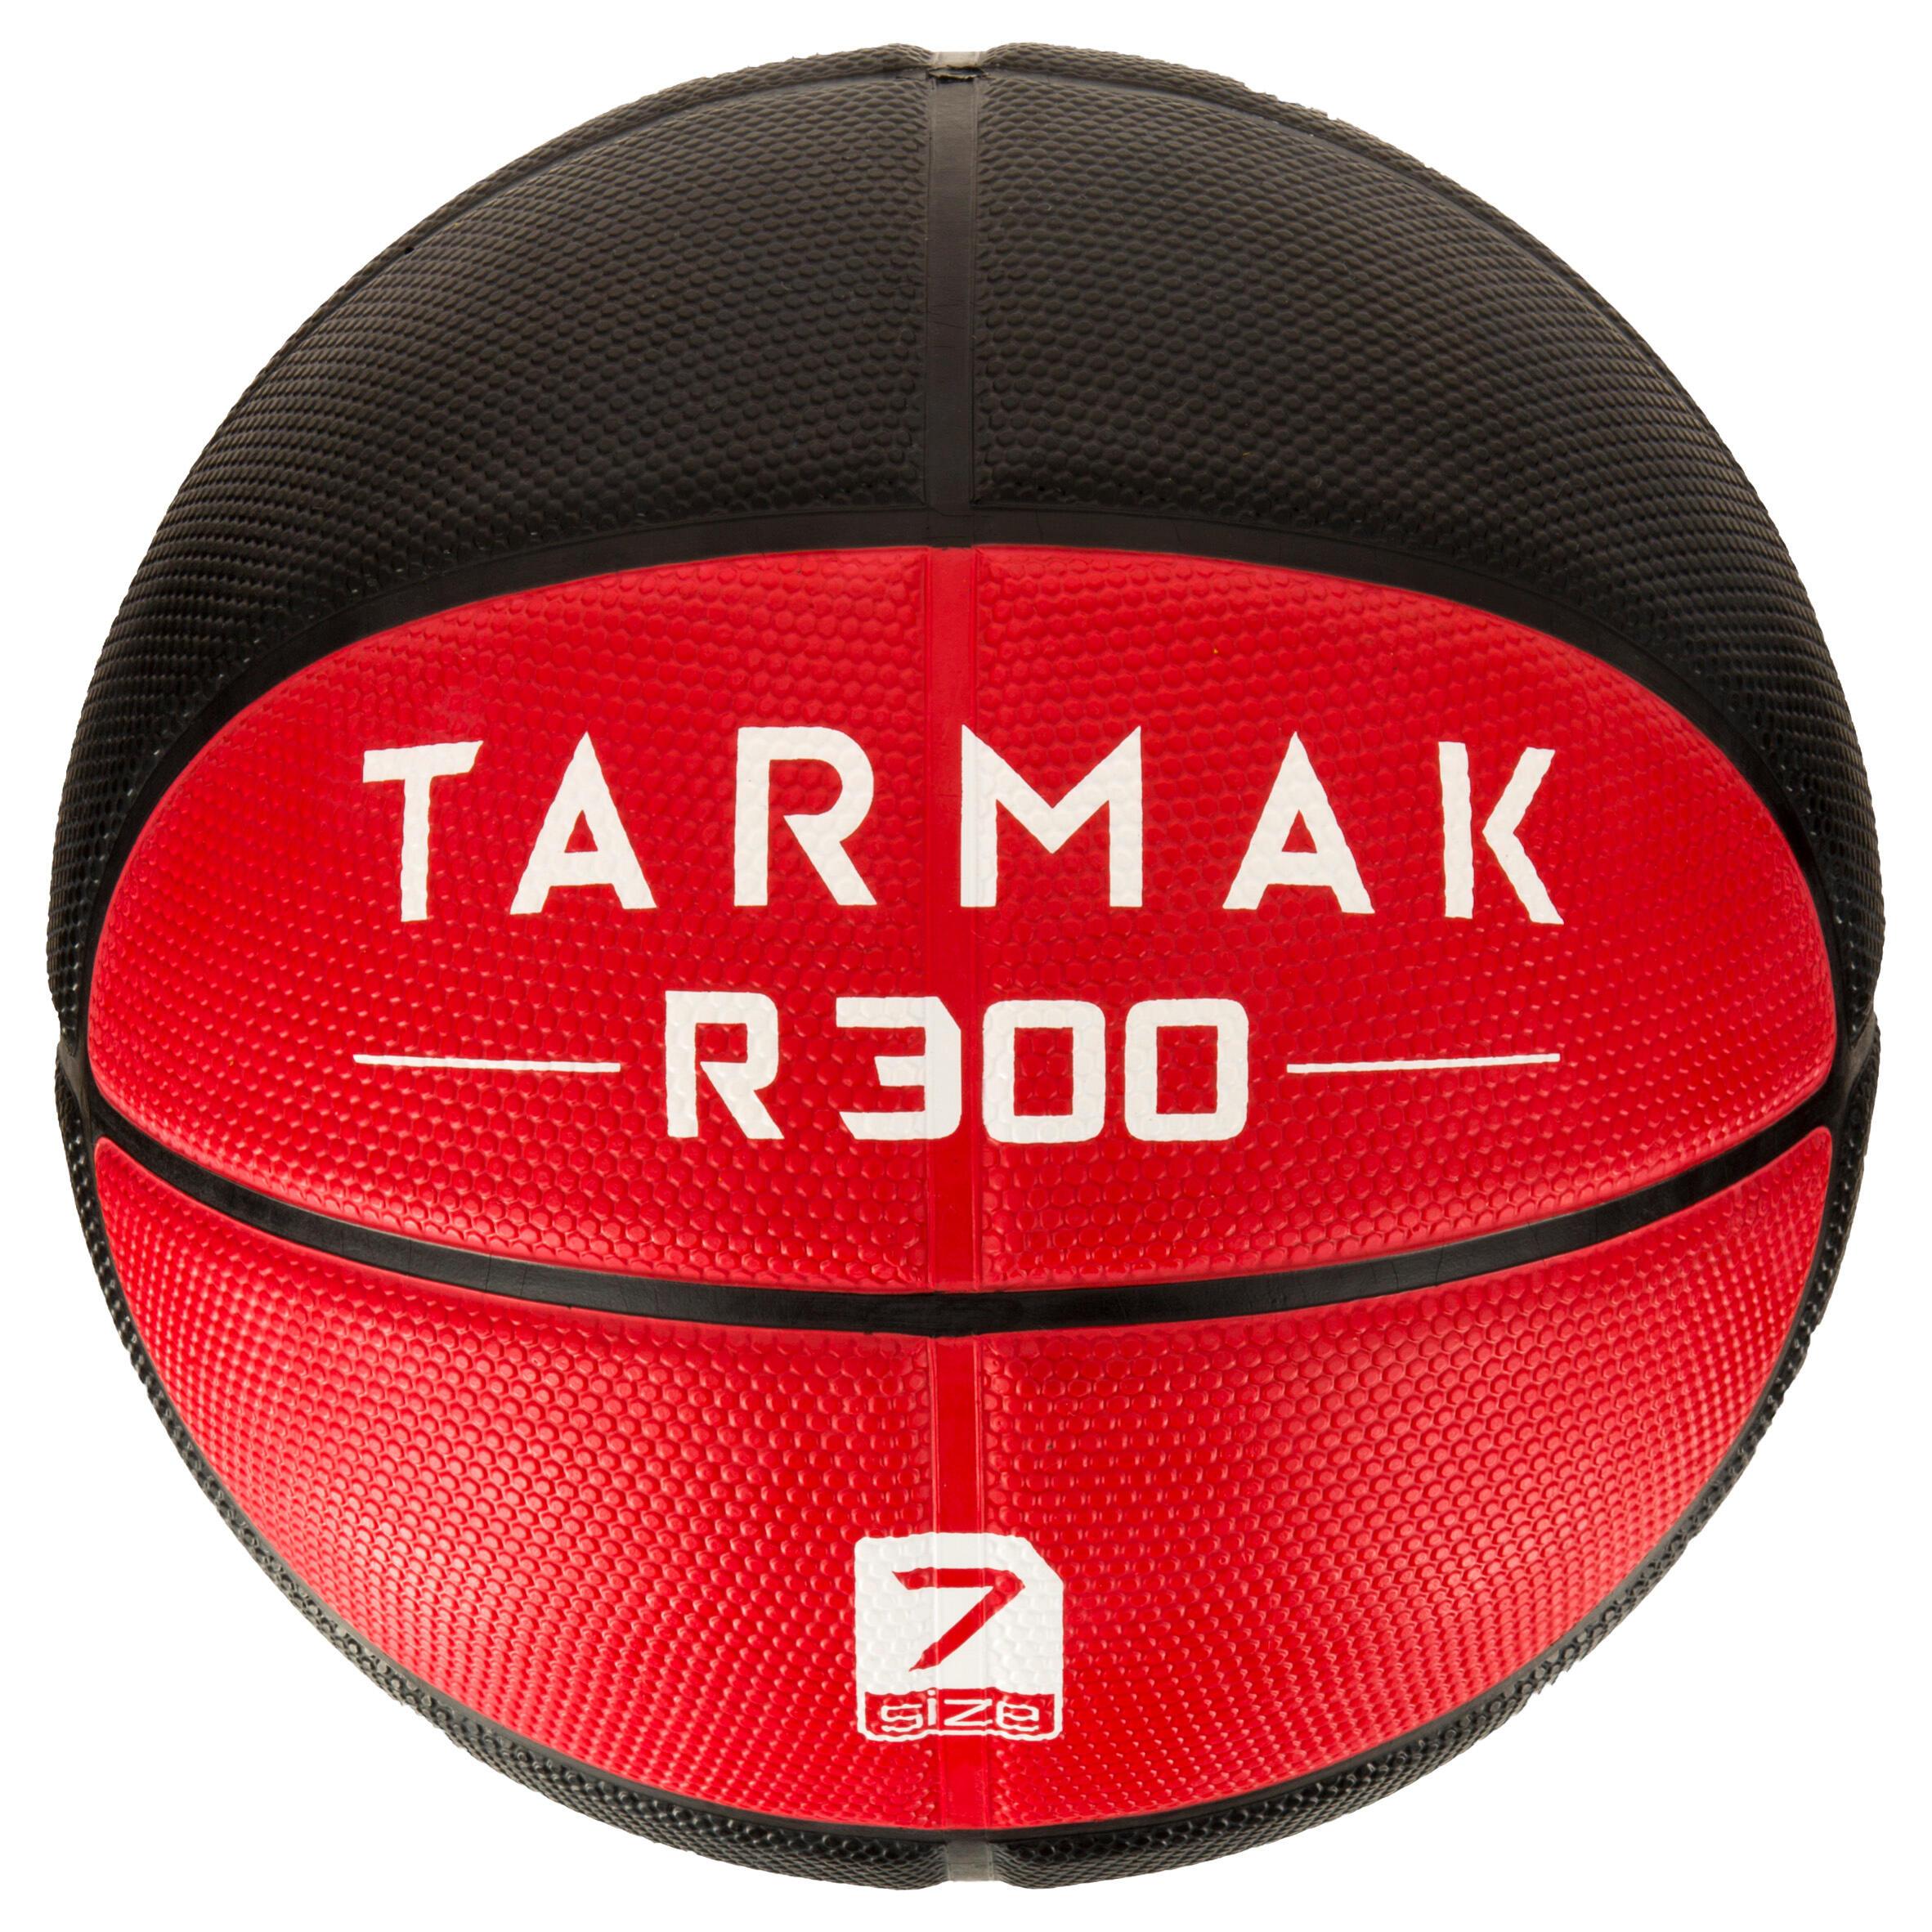 Tarmak Basketbal R300 (maat 7)